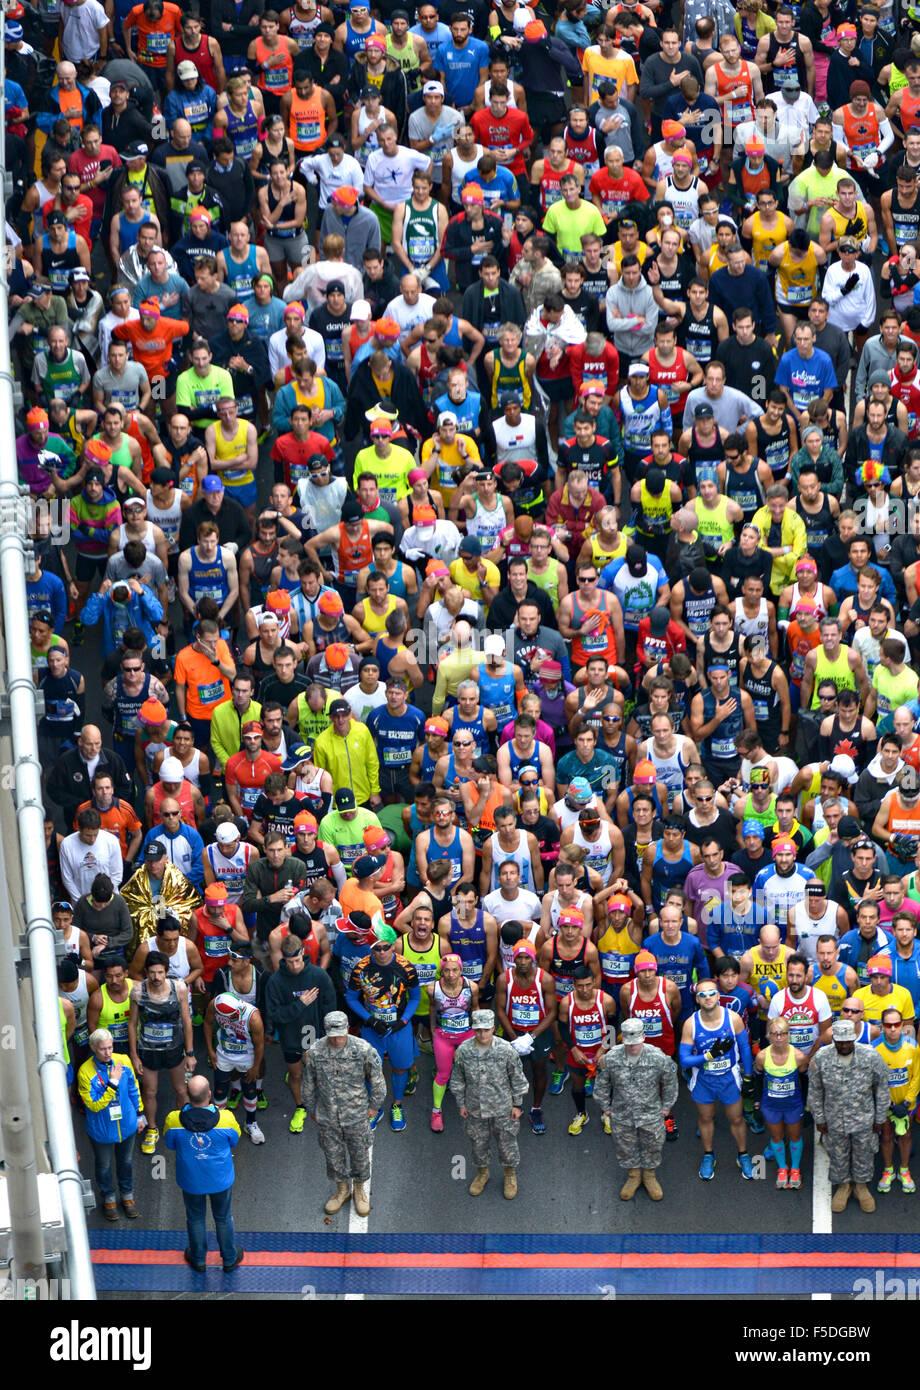 Vista aerea di corridori preparando per iniziare la maratona di New York al ponte VerrazanoÐNarrows Novembre Immagini Stock